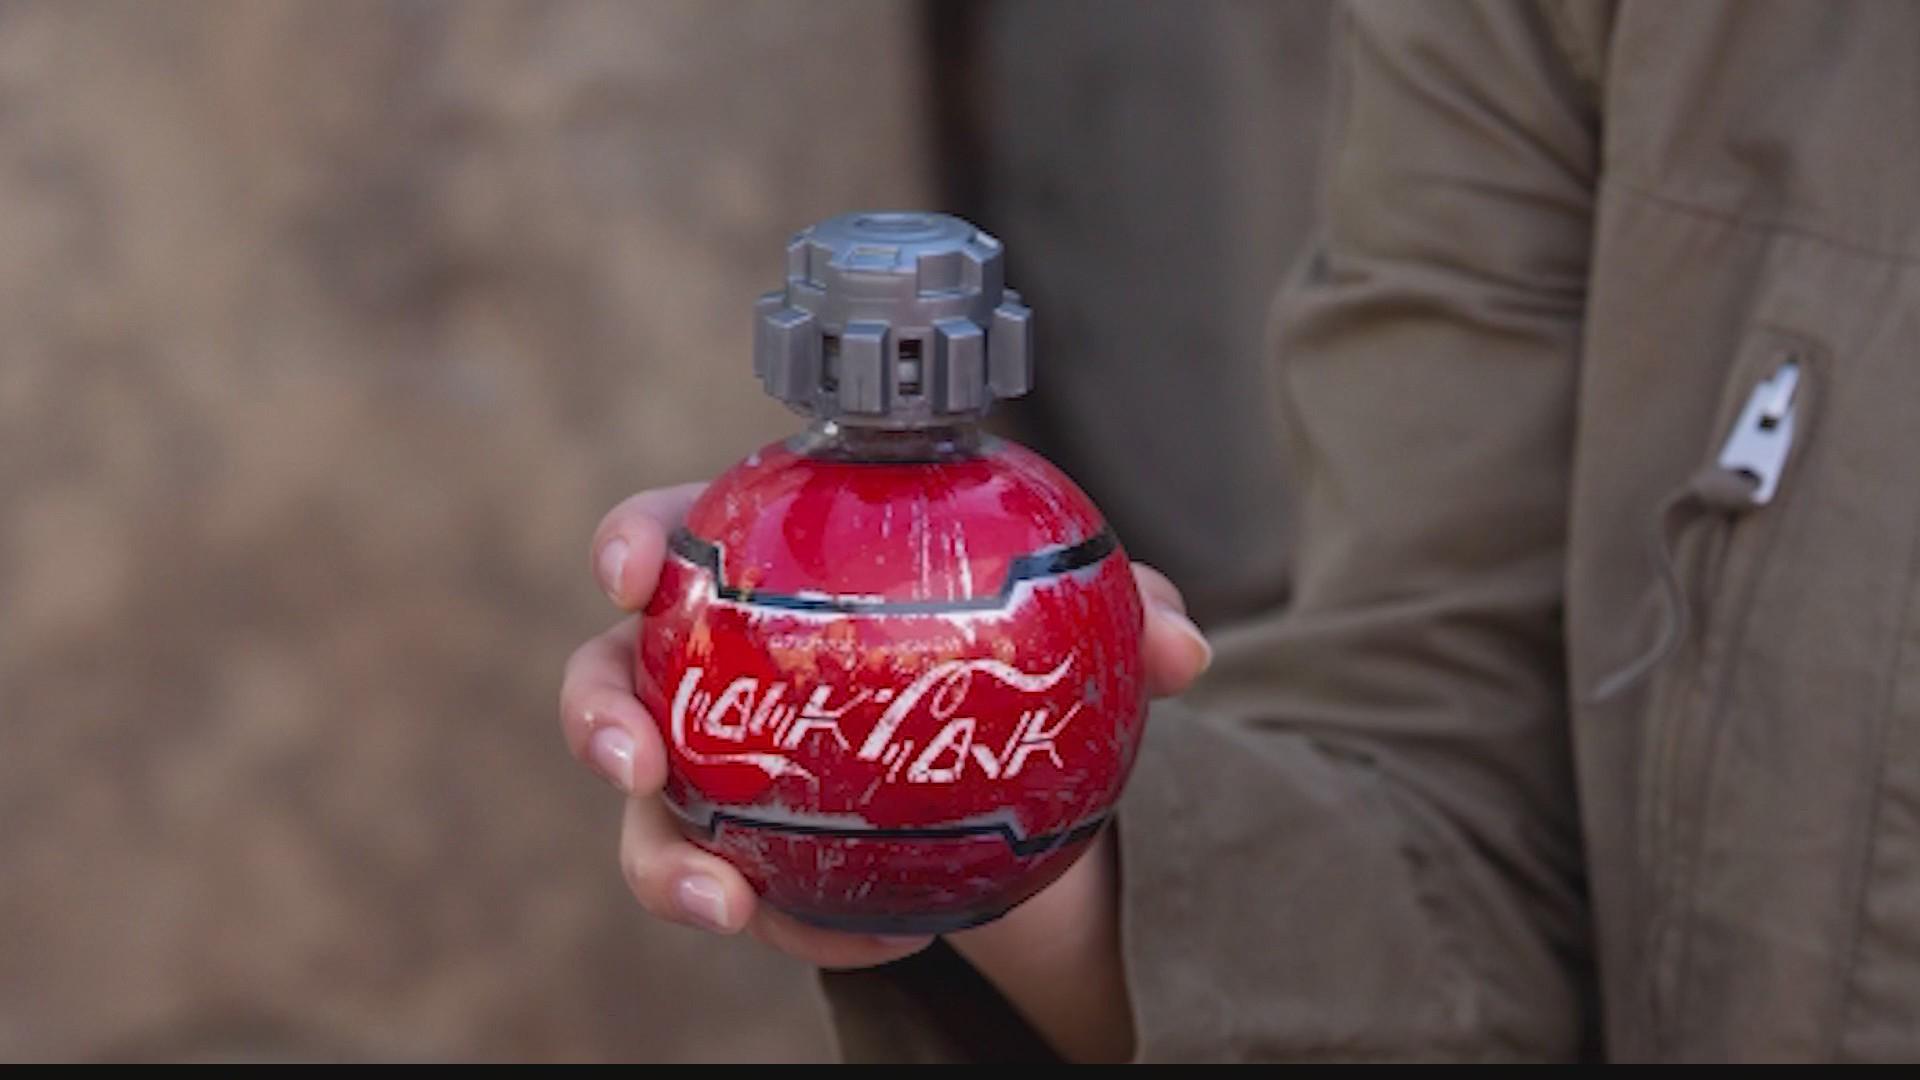 Disney partnering with Coca-Cola